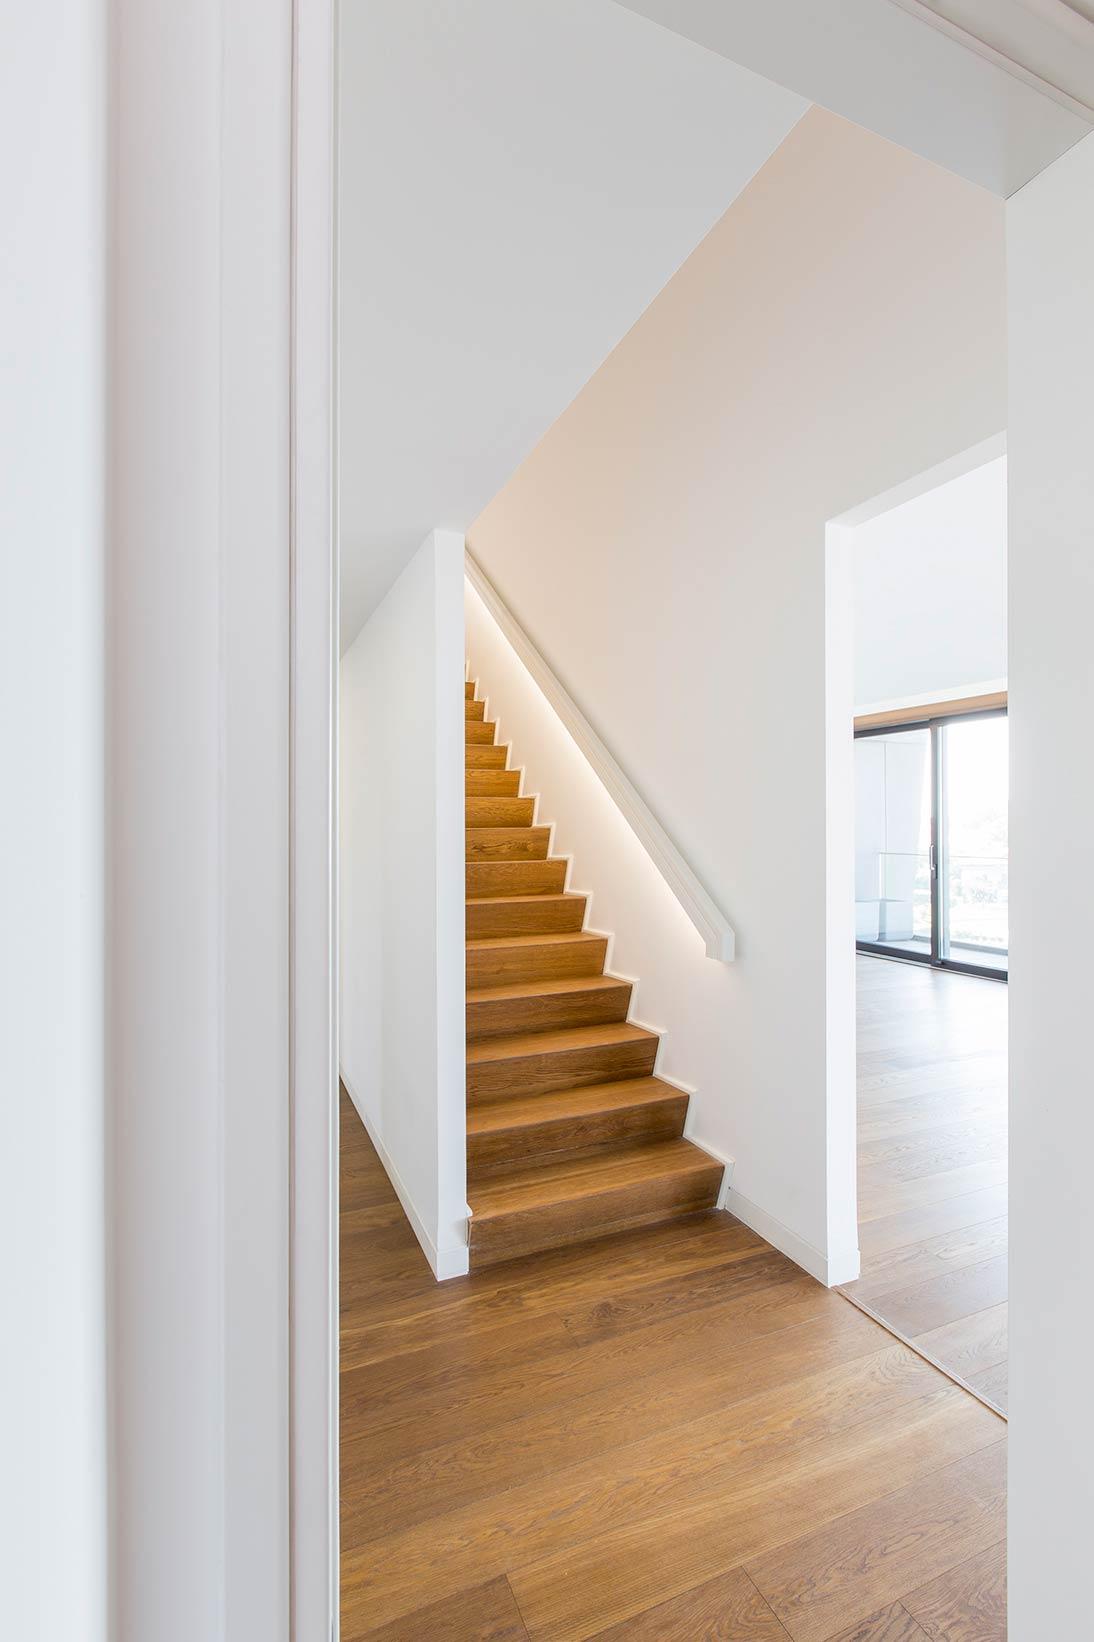 qent-istinye-porsche-design-project-luxury-19.jpg